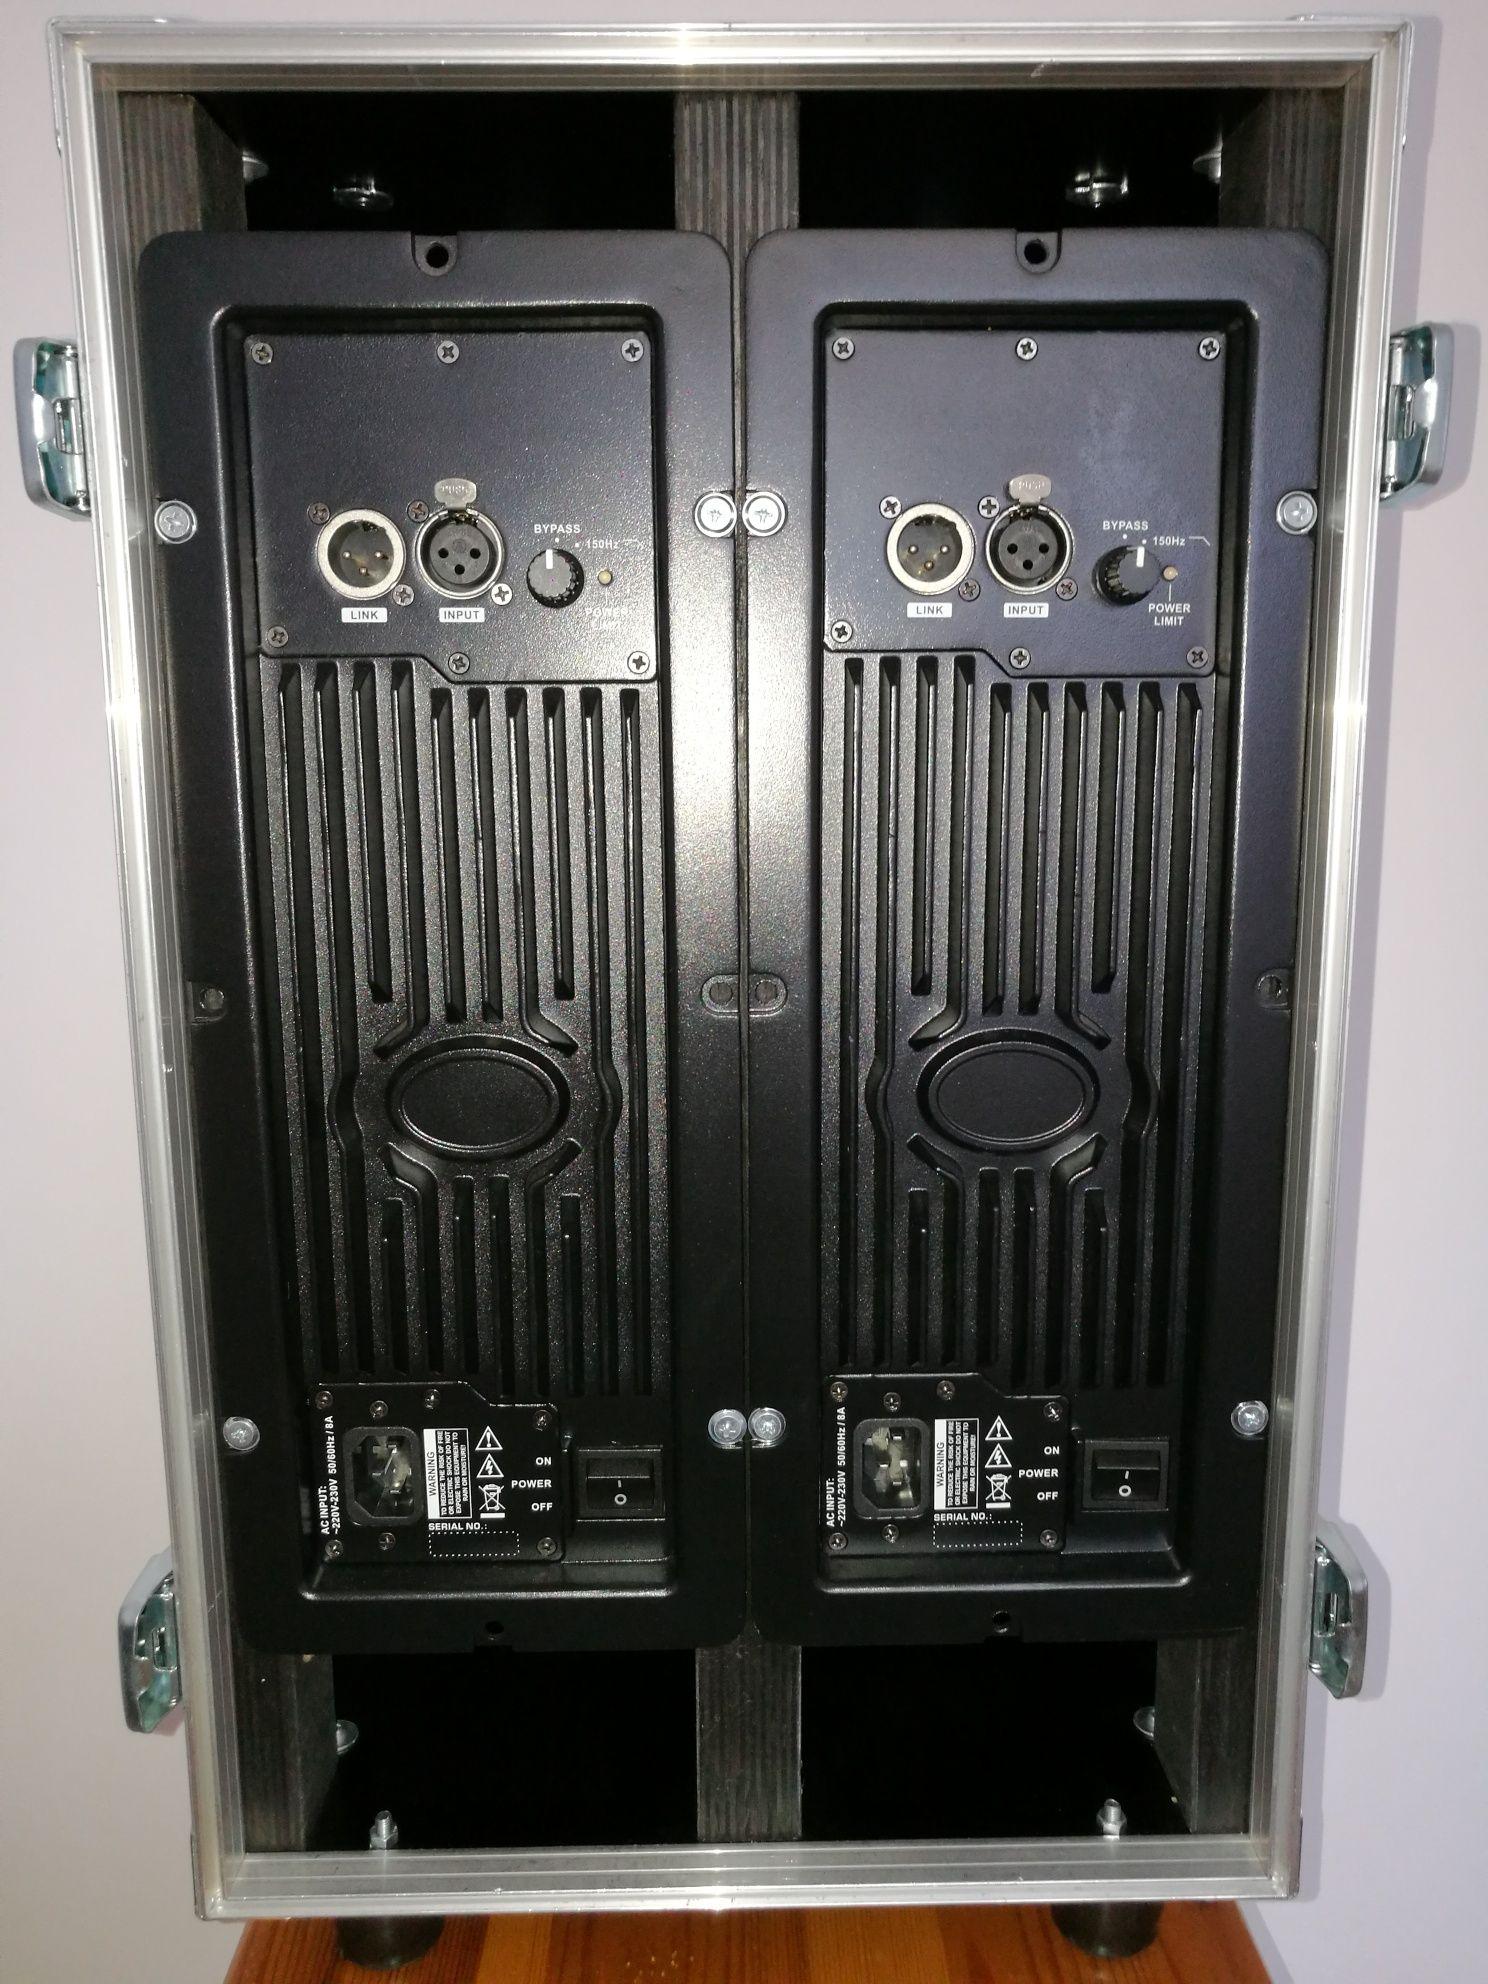 Sprzedam 2 moduły w klasie D Pascal Audio AM 912 o mocy 1000 wat każdy